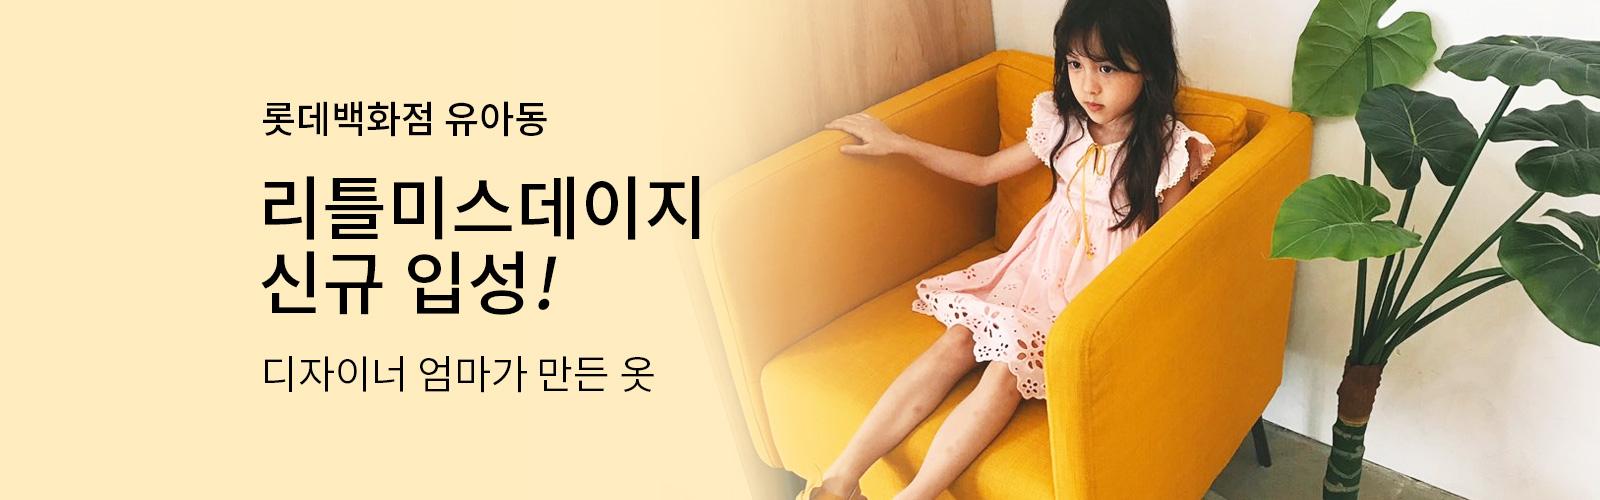 롯데백화점 유아동 리틀미스데이지 신규입성 디자이너 엄마가 만든 옷